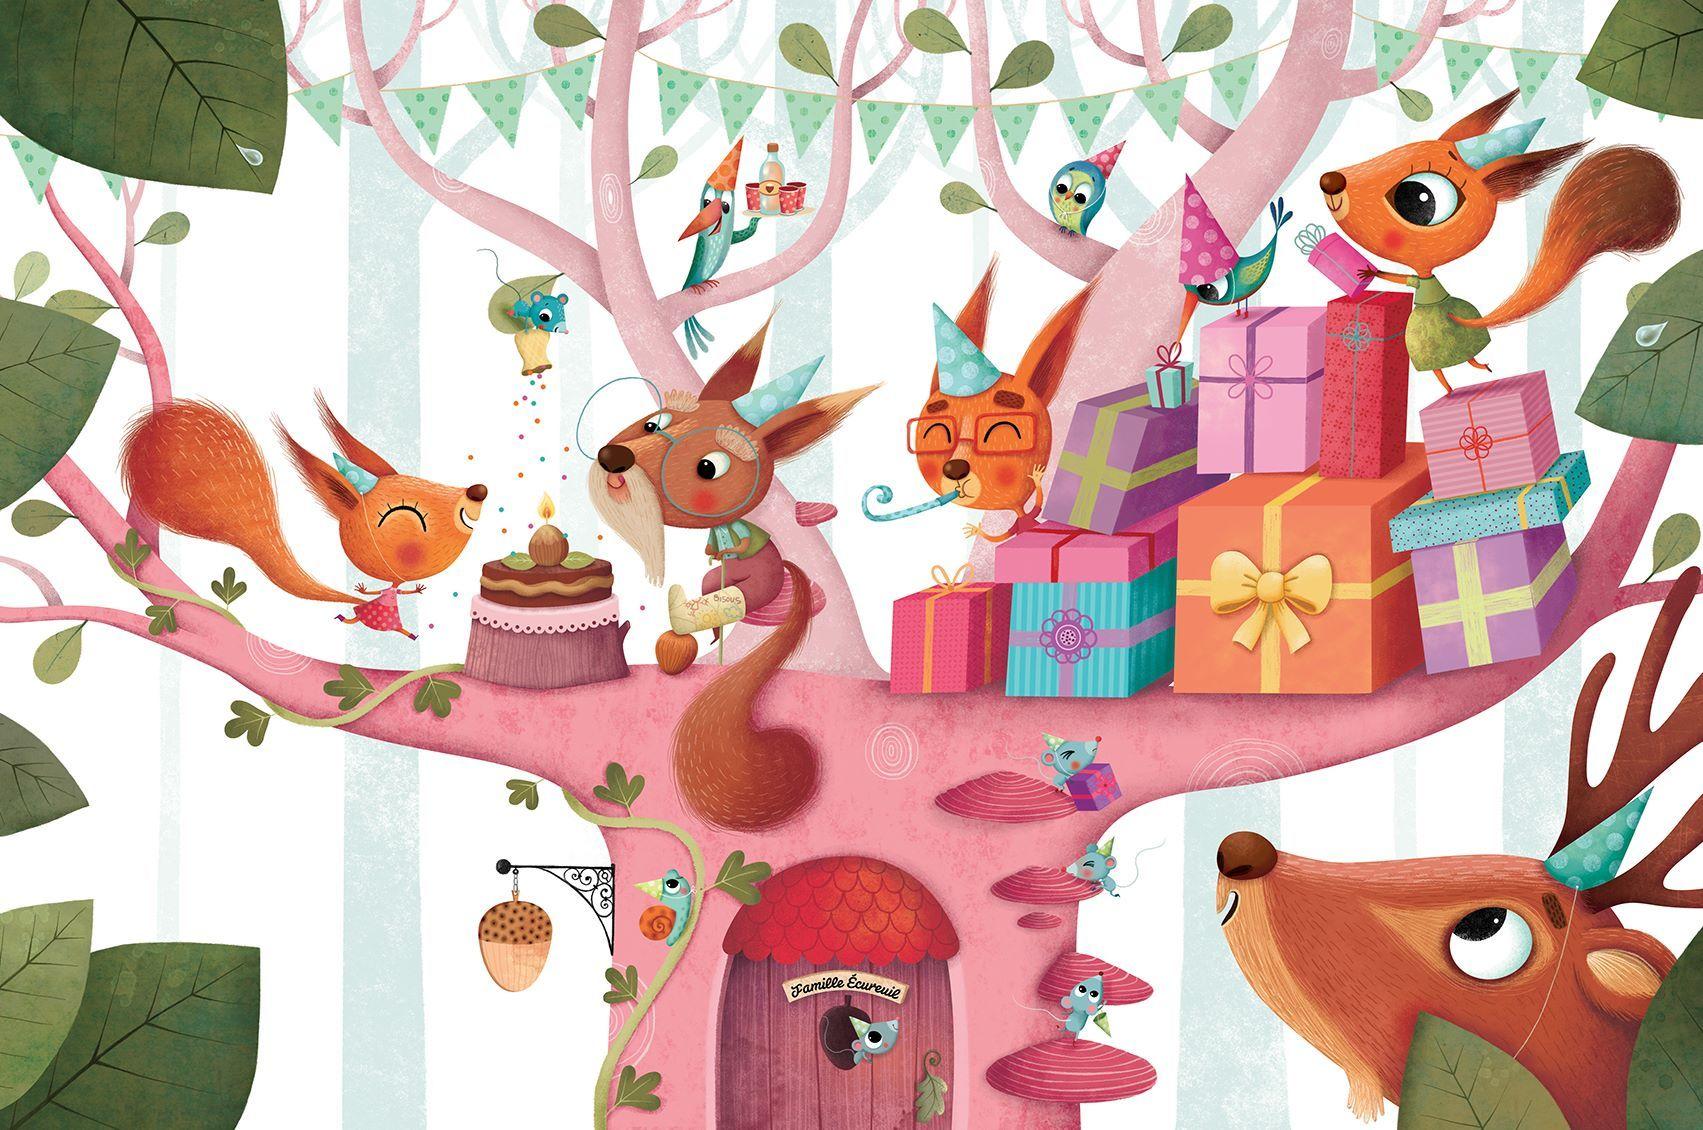 открытки с днем рождения с белками как это